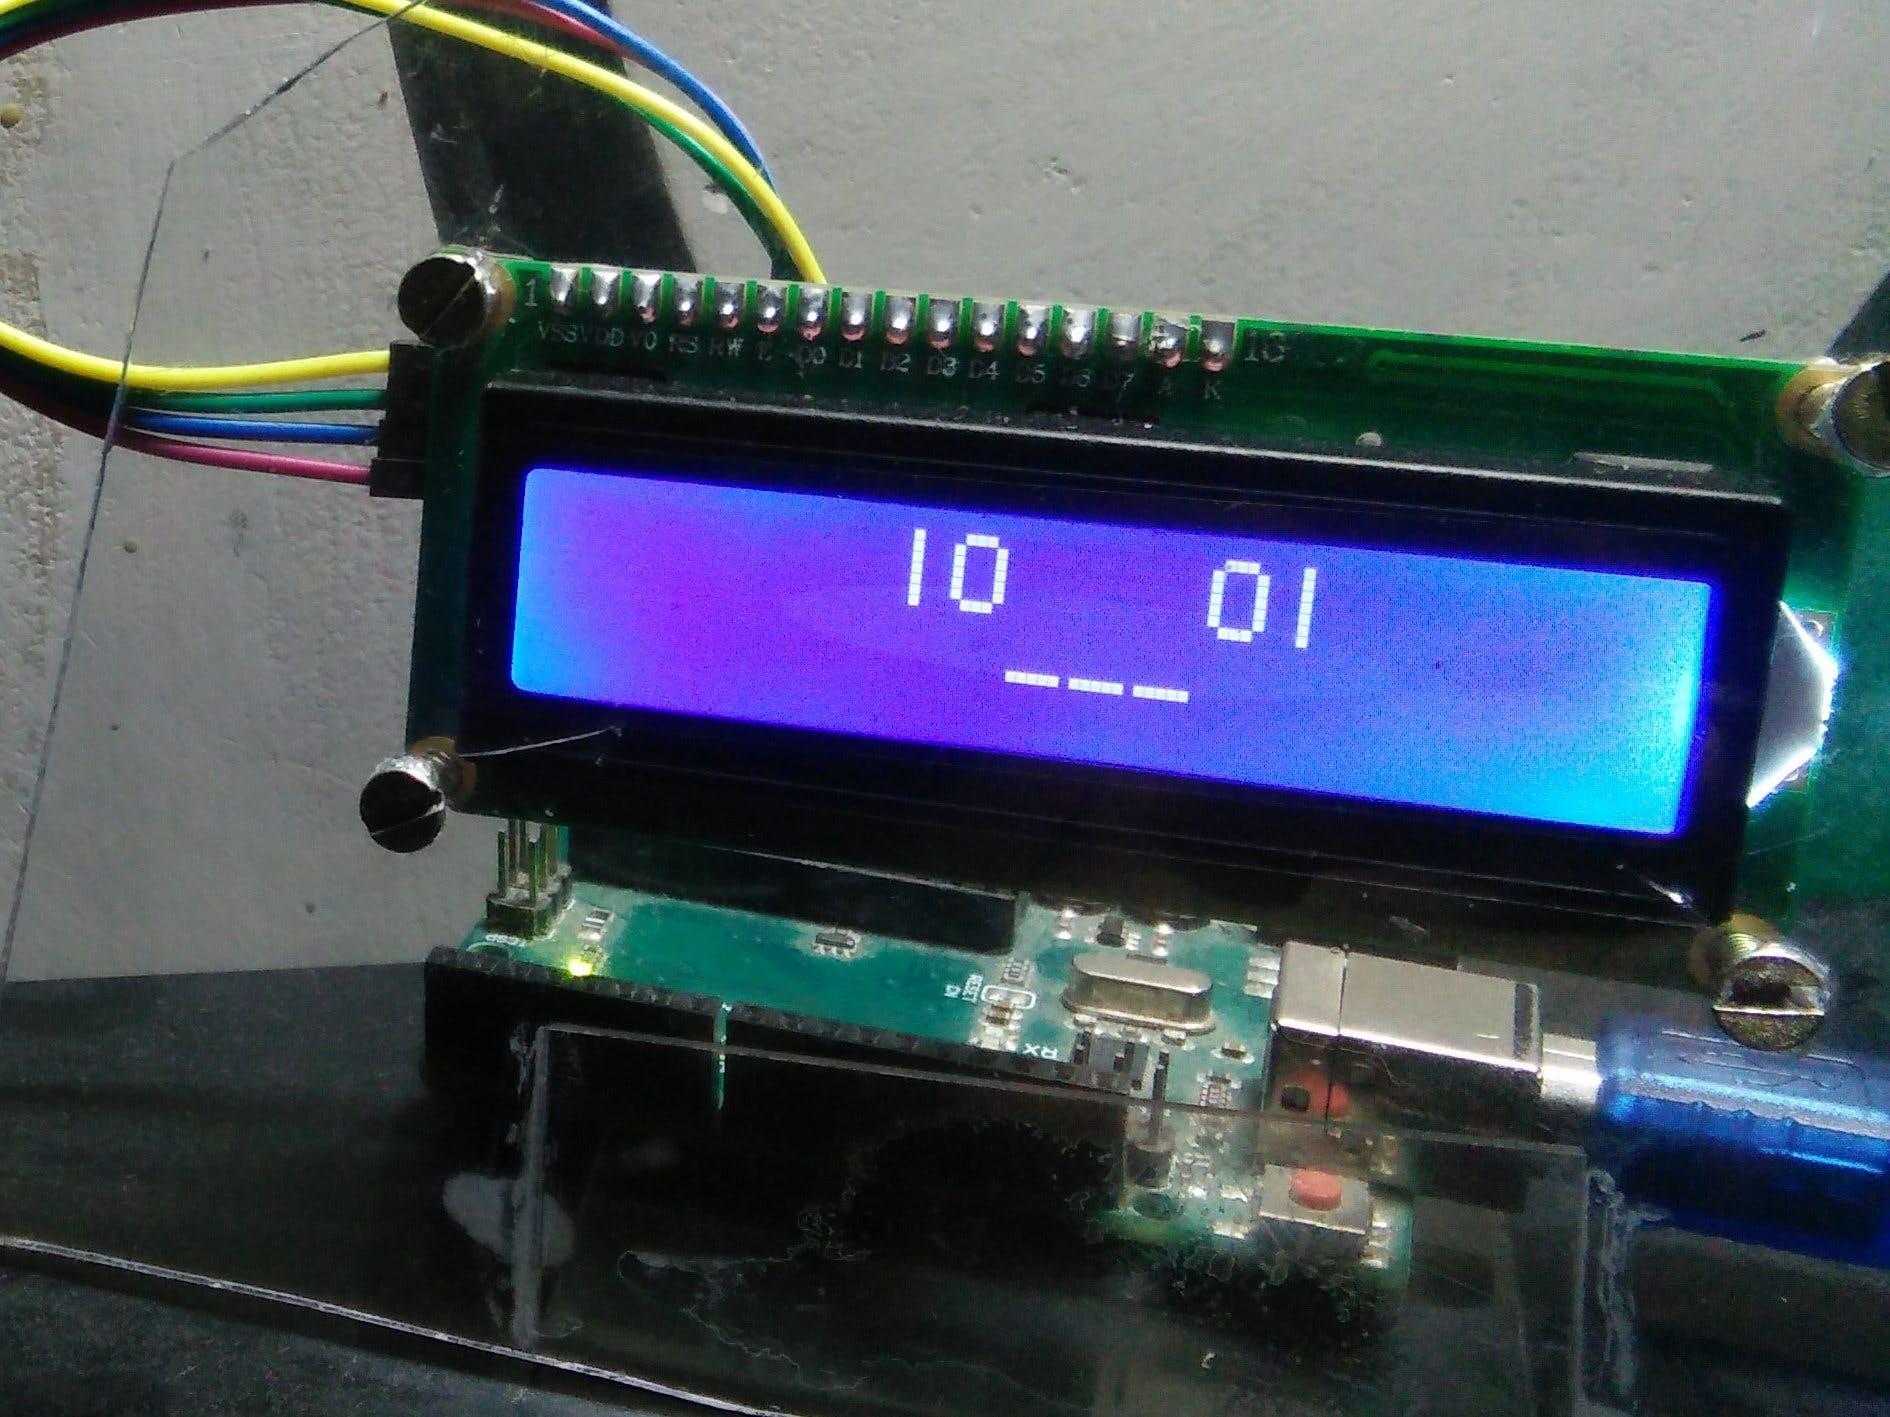 Ike, the Liquid Crystal Display Robo